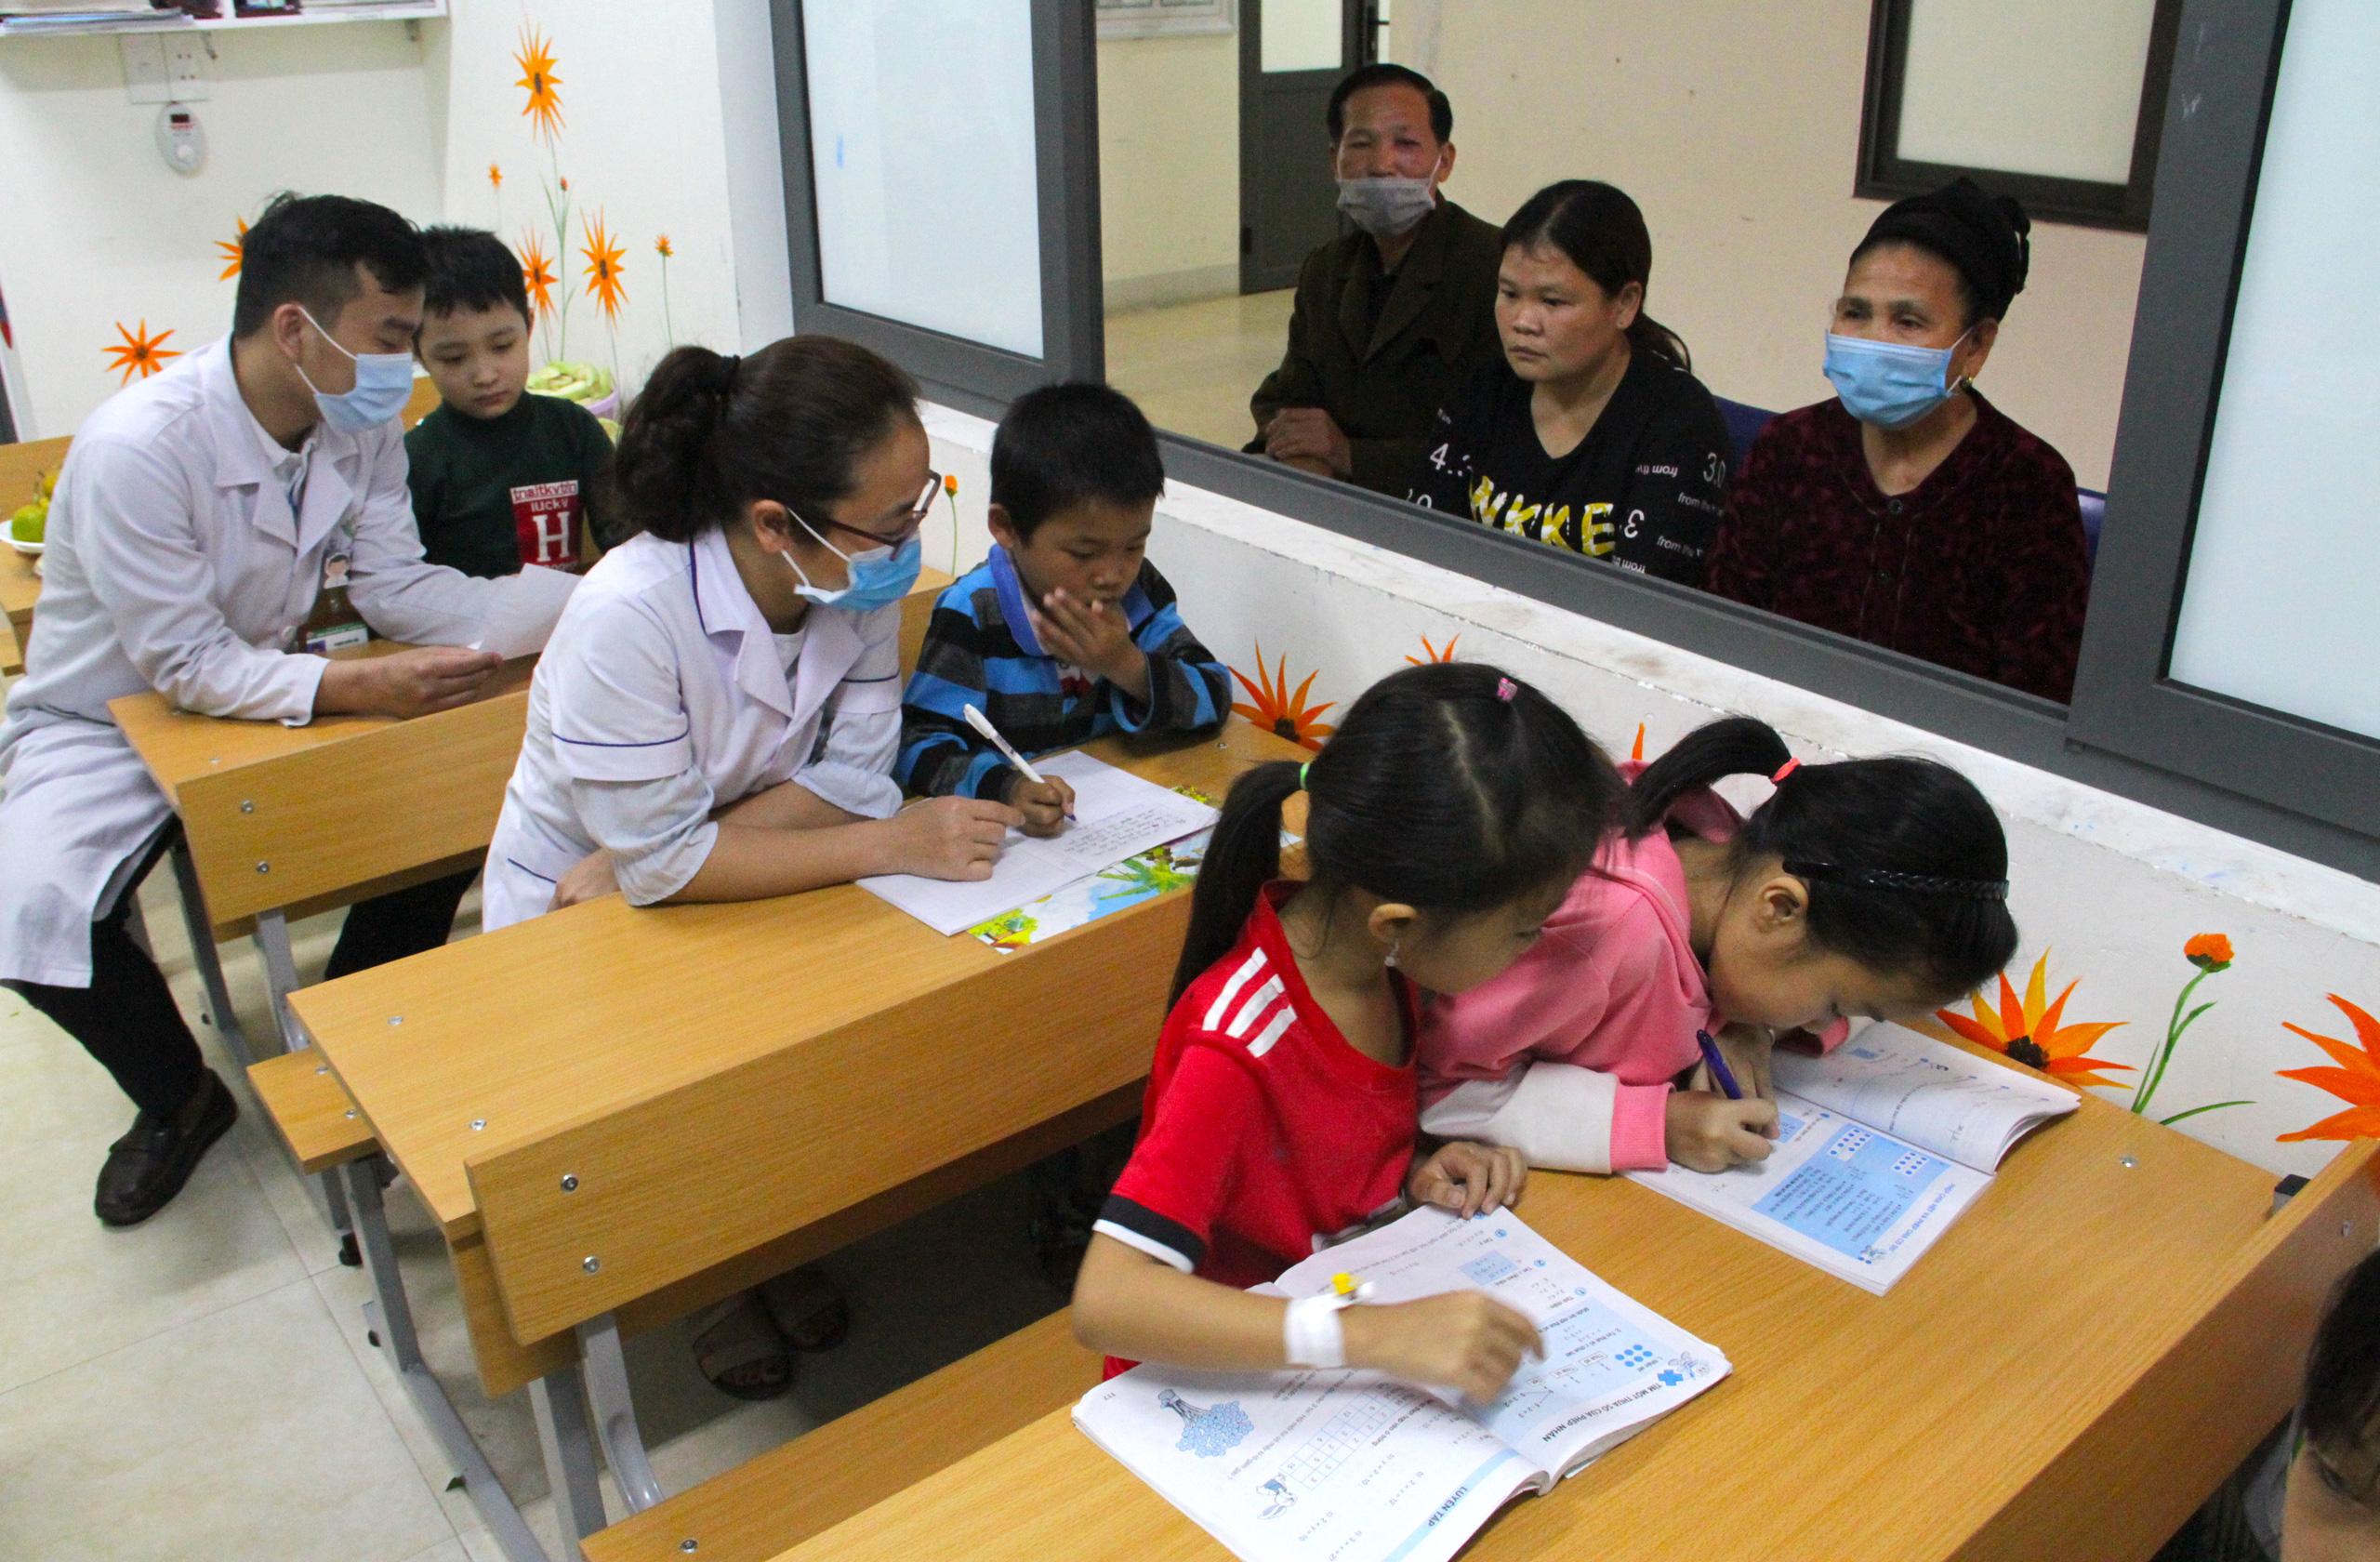 Lớp học đặc biệt trong trung tâm truyền máu, thầy cô là những người khoác áo blouse trắng - Ảnh 15.